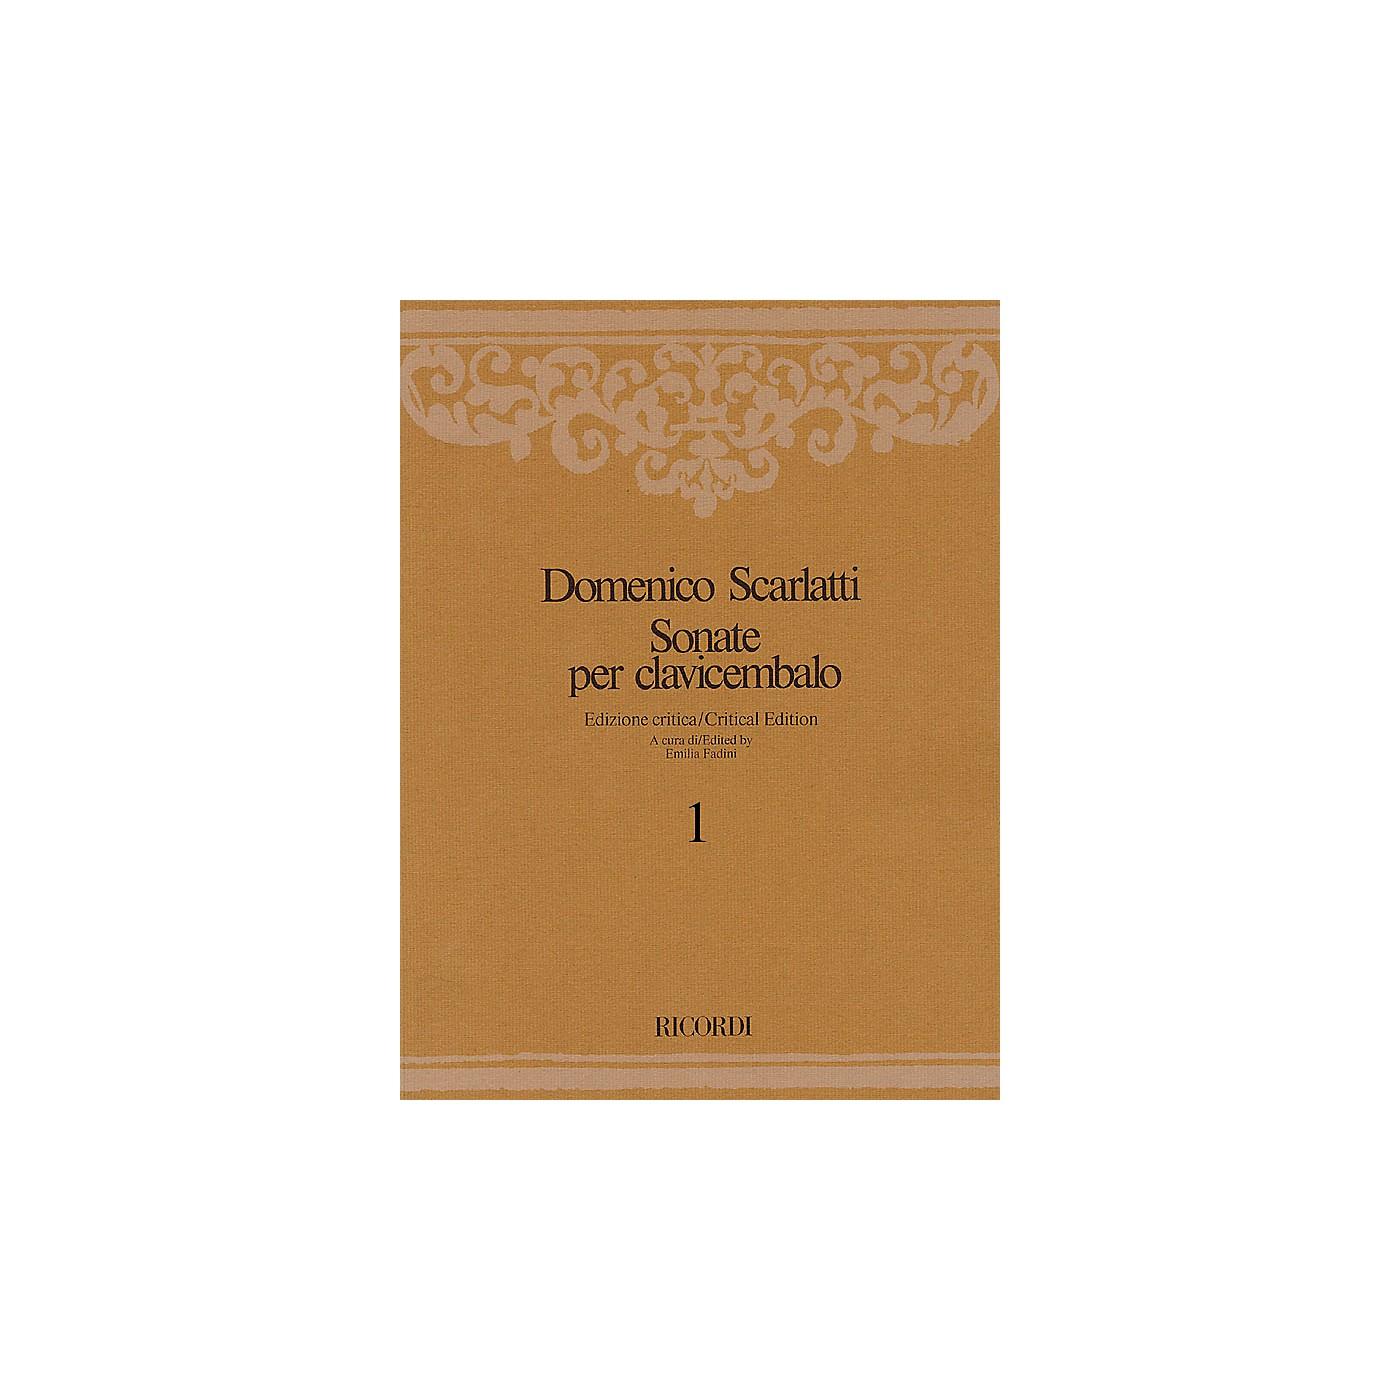 Ricordi Sonate per Clavicembalo Volume 2 Critical Edition Piano Collection by Scarlatti Edited by Emilia Fadini thumbnail